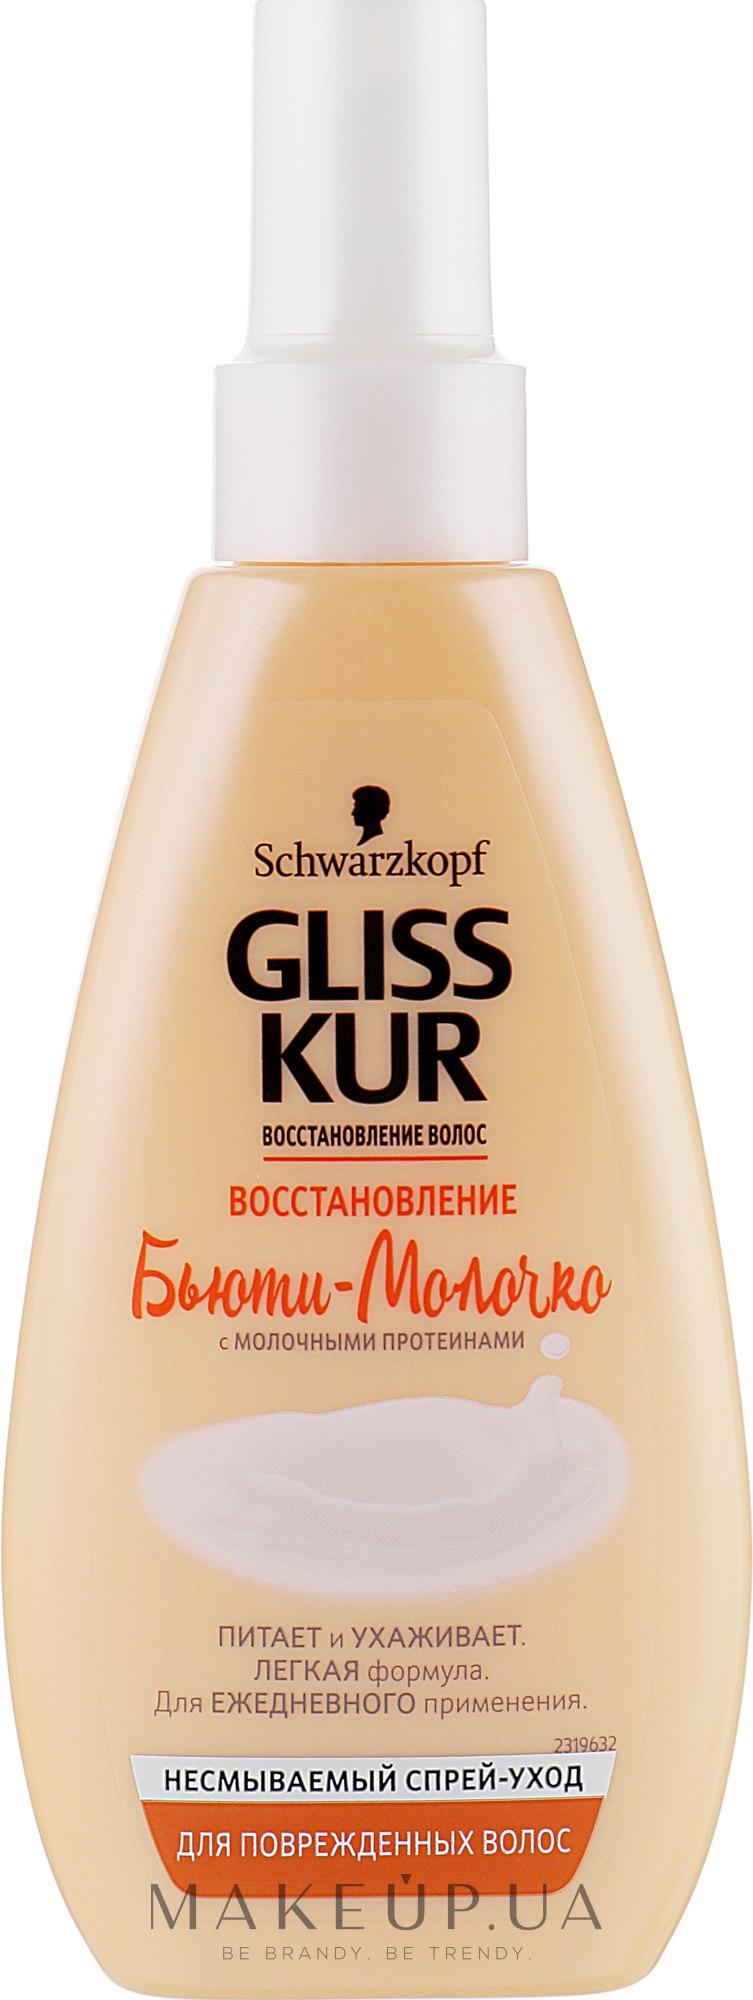 """Бьюти-молочко с молочными протеинами """"Восстановление"""" для поврежденных волос - Gliss Kur — фото 150ml"""